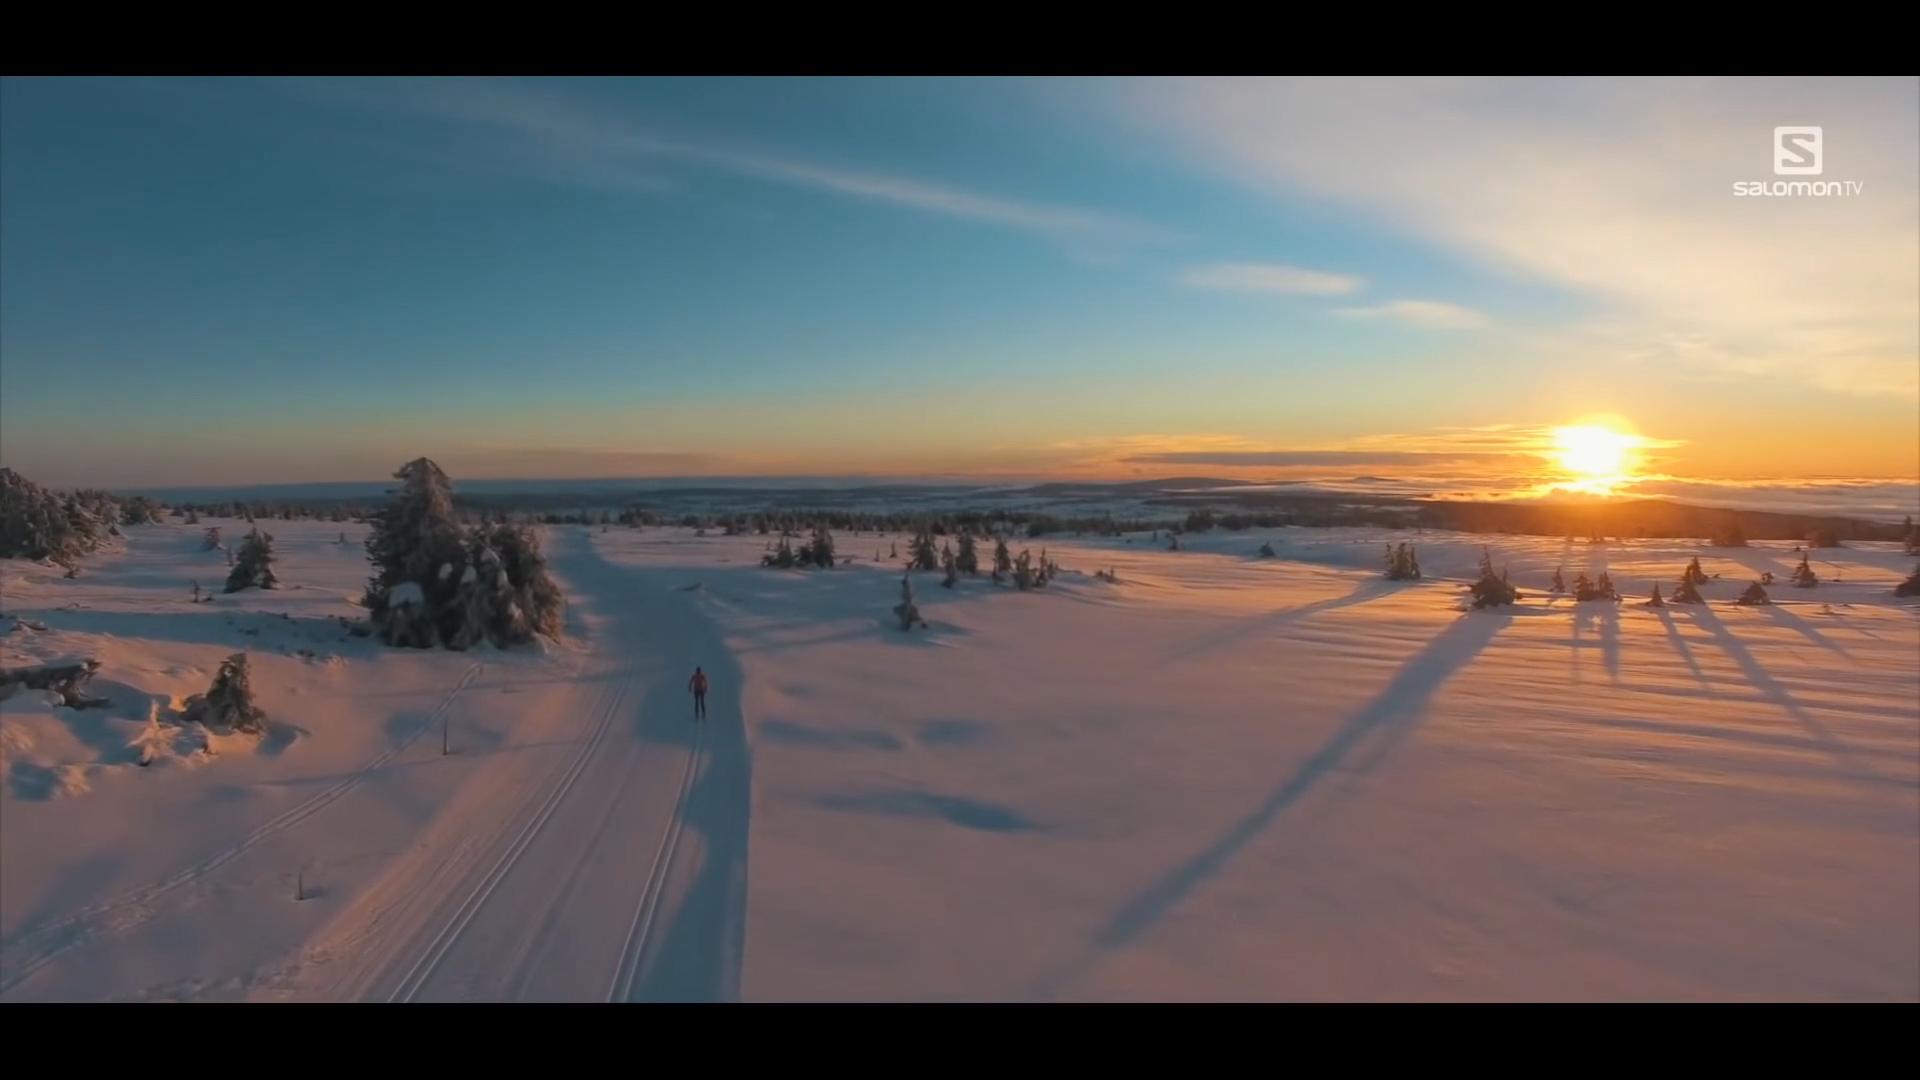 Τα χειμερινά αθλήματα όπως το ski, το snowboard και το ice skating είναι καλές αεροβικές ασκήσεις, που βοηθούν στην τόνωση όλου του σώματος. Δοκίμασε την ευχαρίστηση της σχέσης με το βουνό και νιώσε τη χαρά του παιχνιδιού και της αδρεναλίνης που εκλύεται στα χειμερινά αθλήματα, ζήσε νέες προκλήσεις.